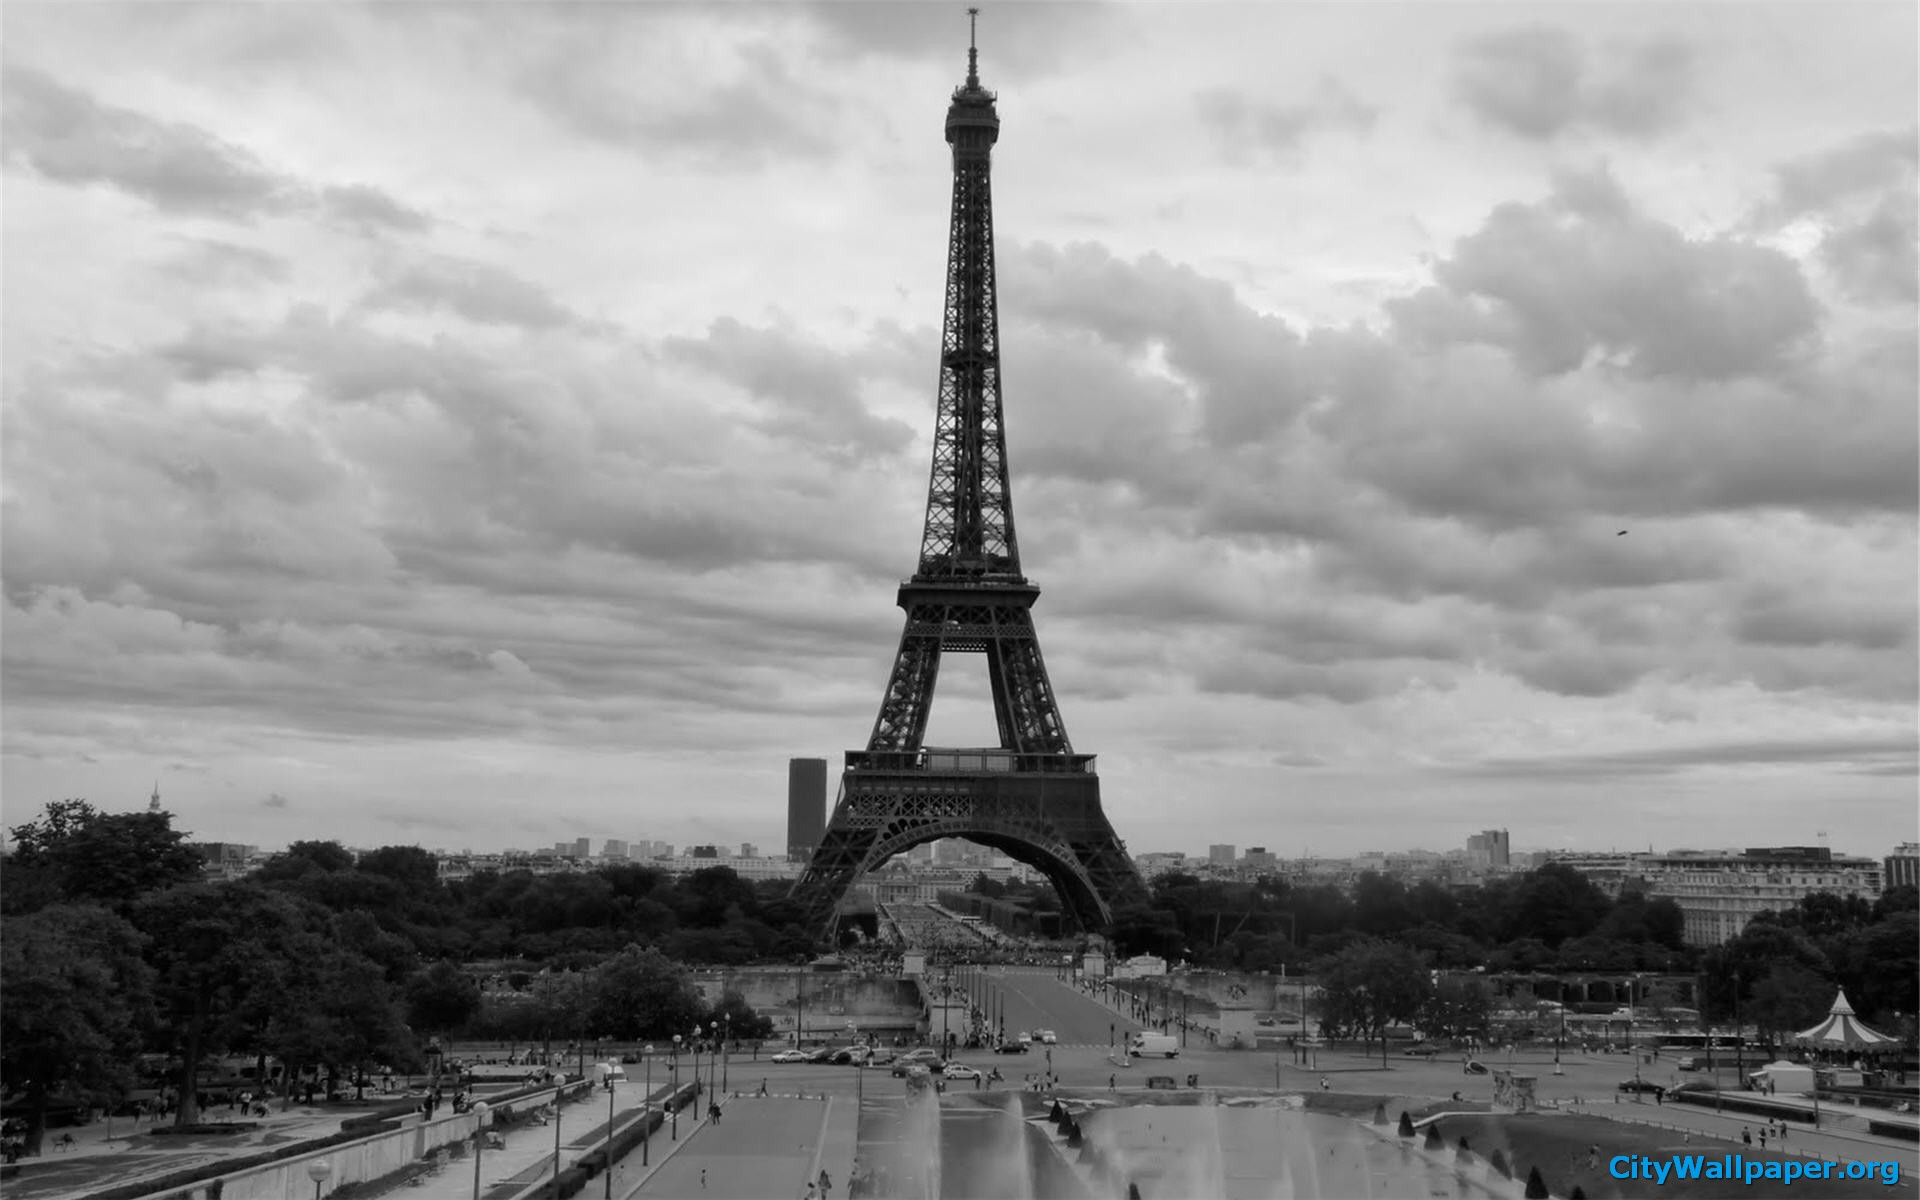 Paris Wallpaper Black and White - WallpaperSafari